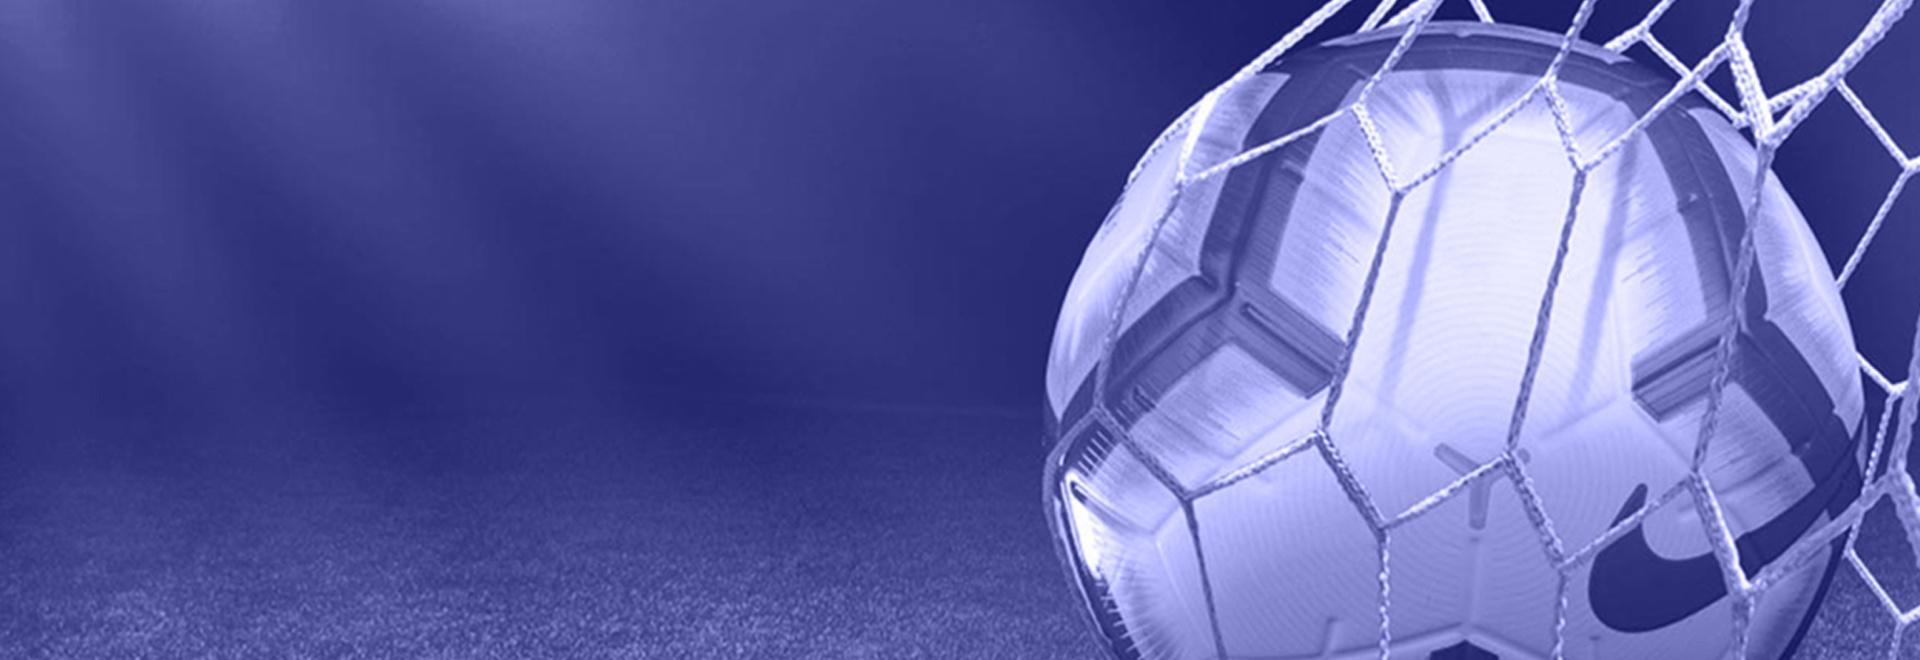 Napoli - Juventus 09/01/11. Posticipo 19a giornata